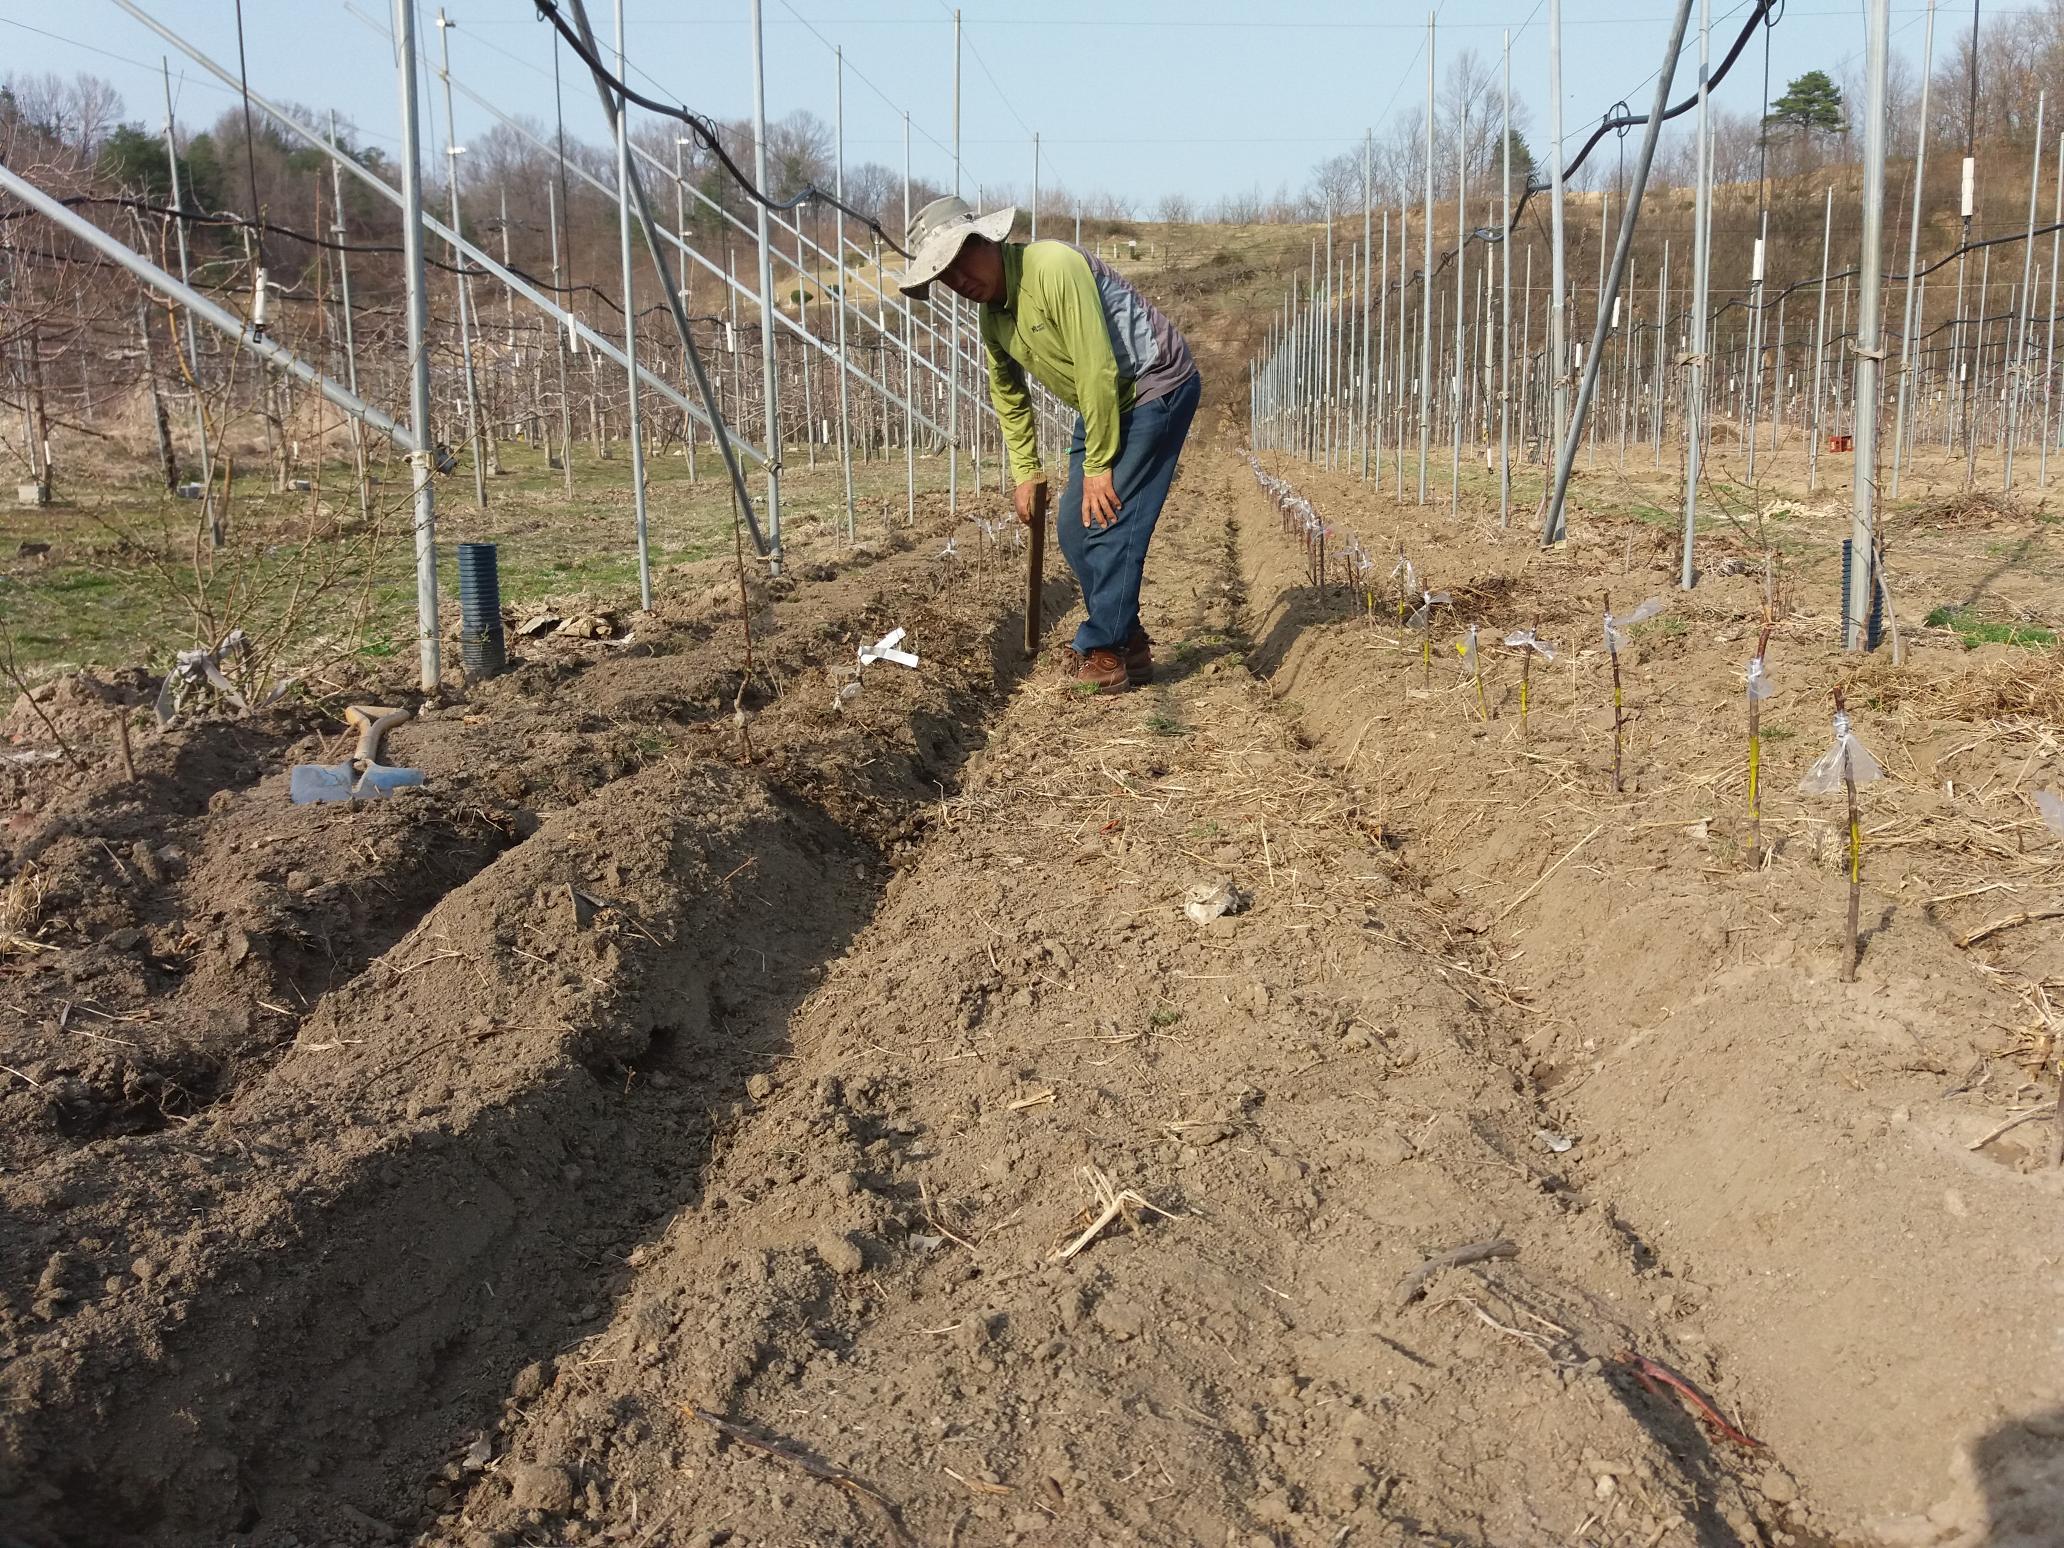 사과나무 묘목 접목심기